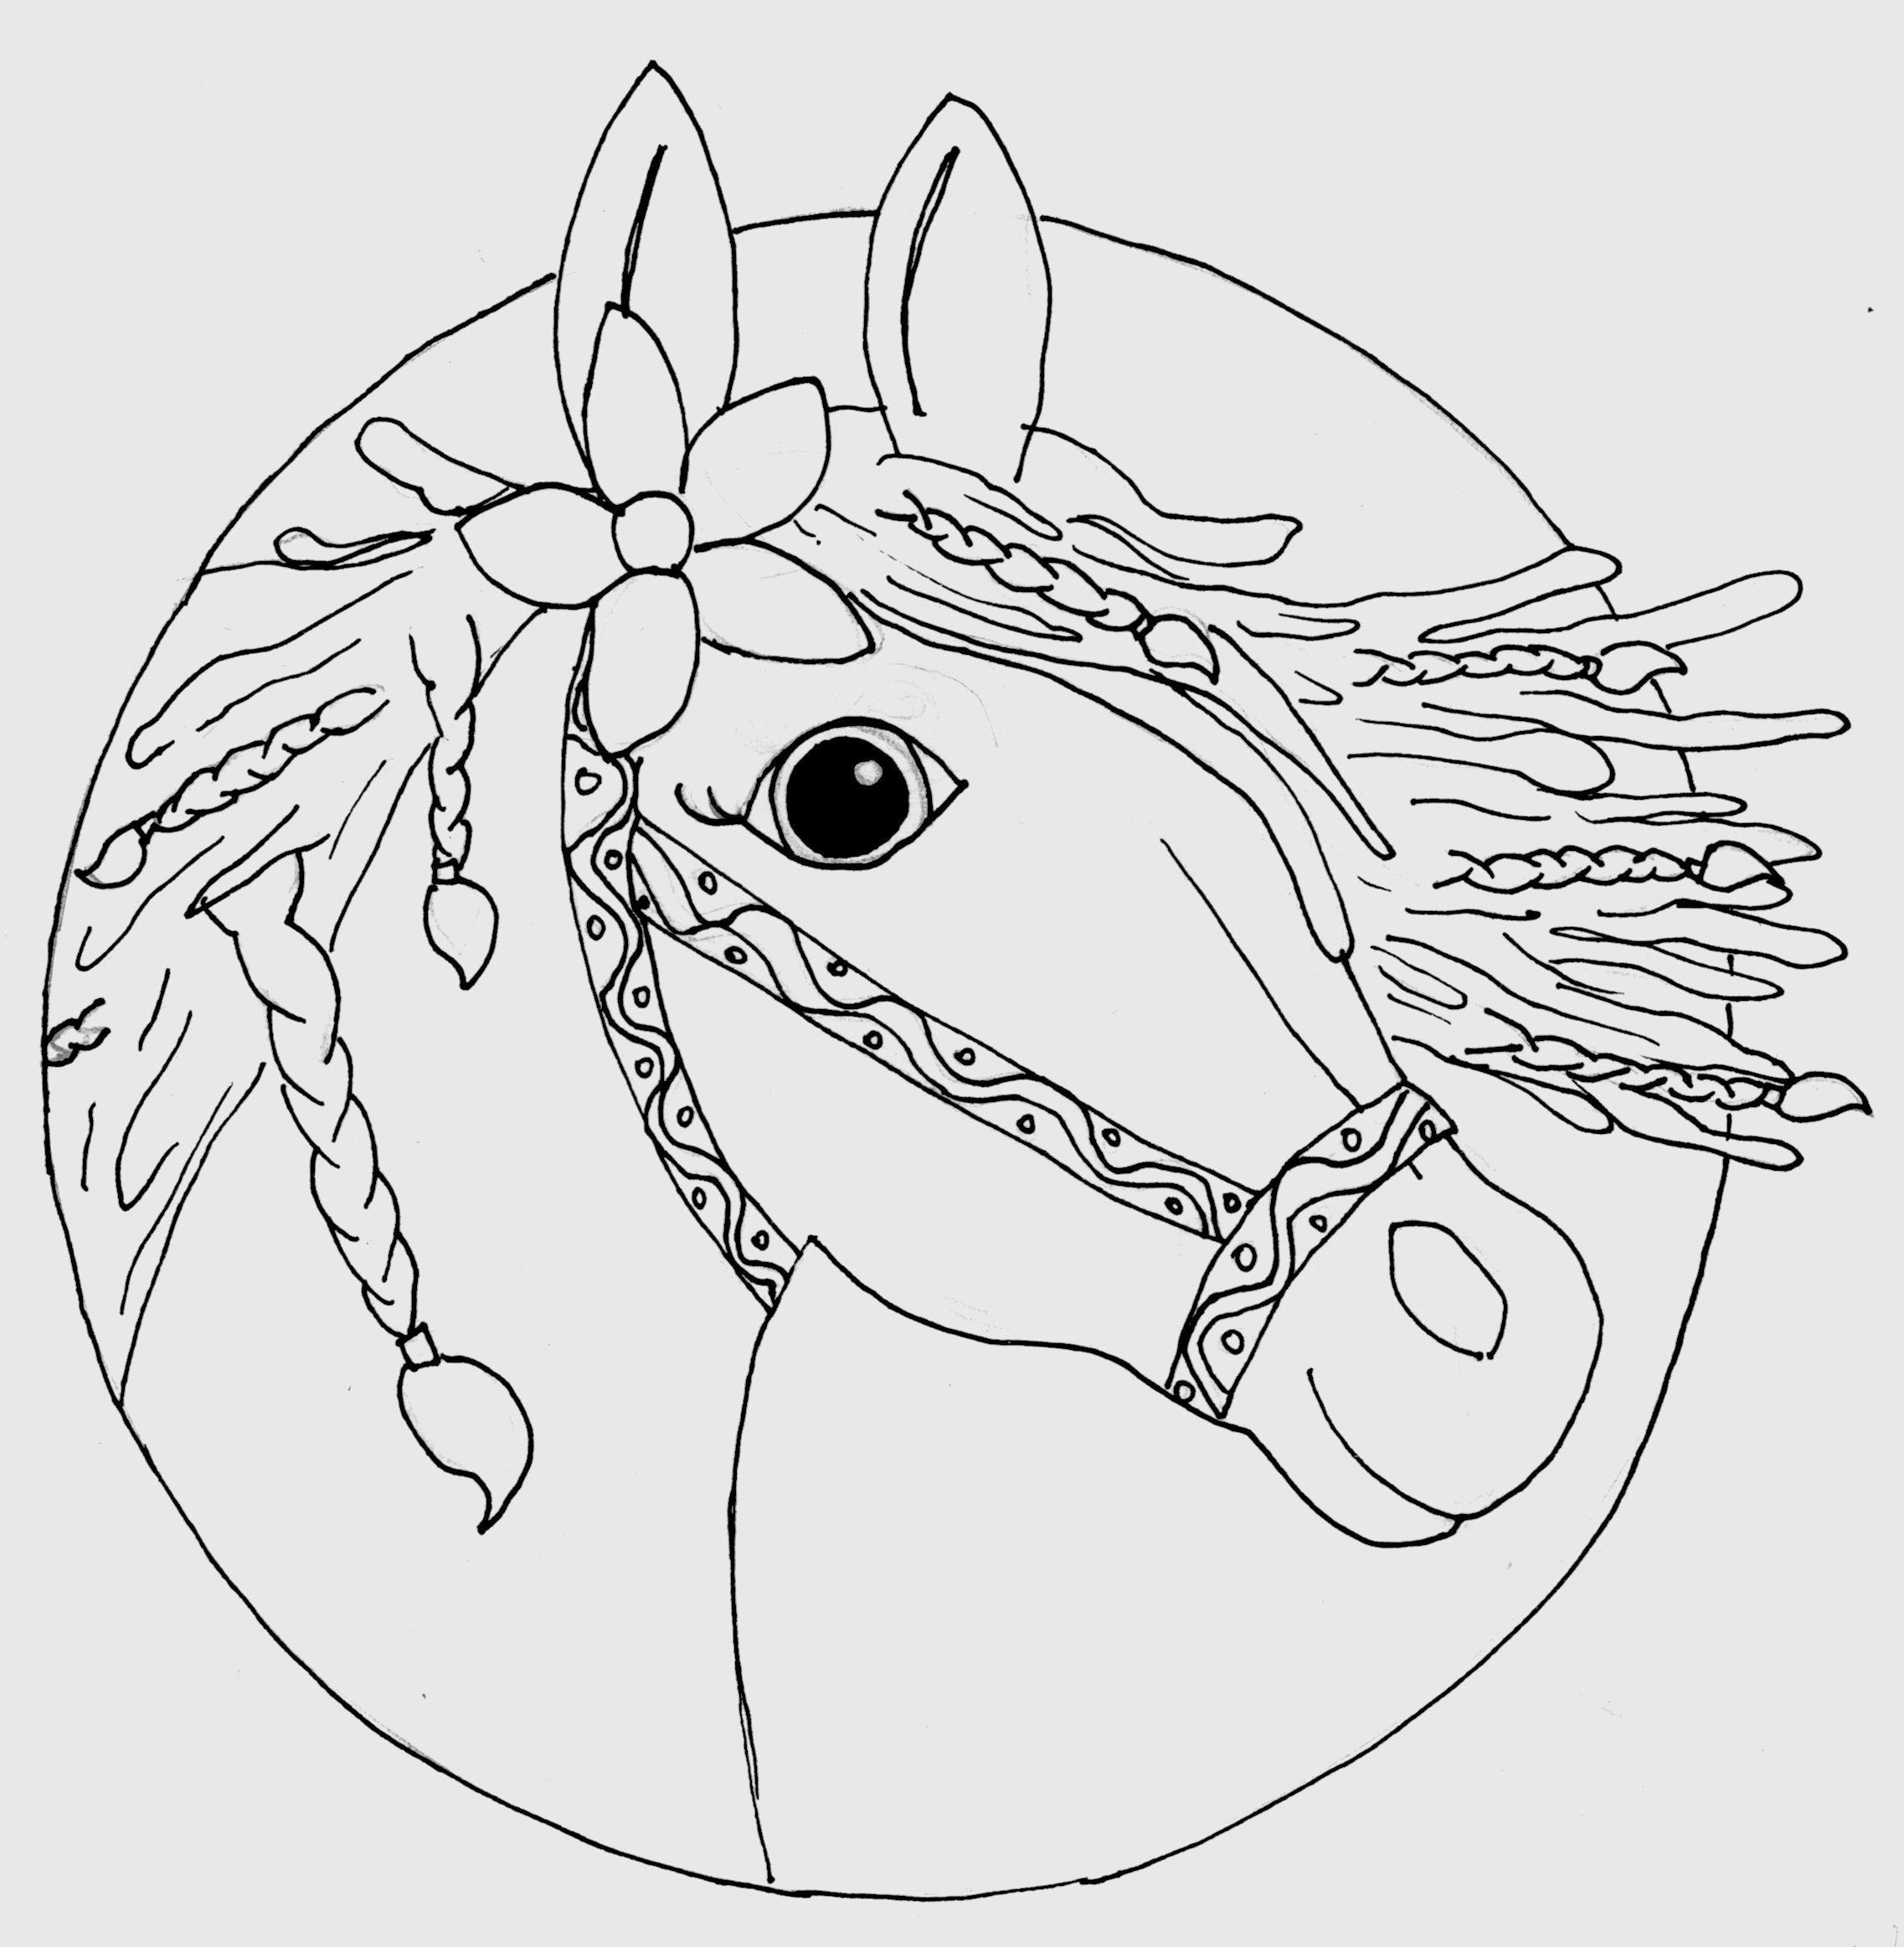 Pferdekopf Ausmalbilder  Ausmalbilder Rapunzel Pferd – Ausmalbilder Webpage